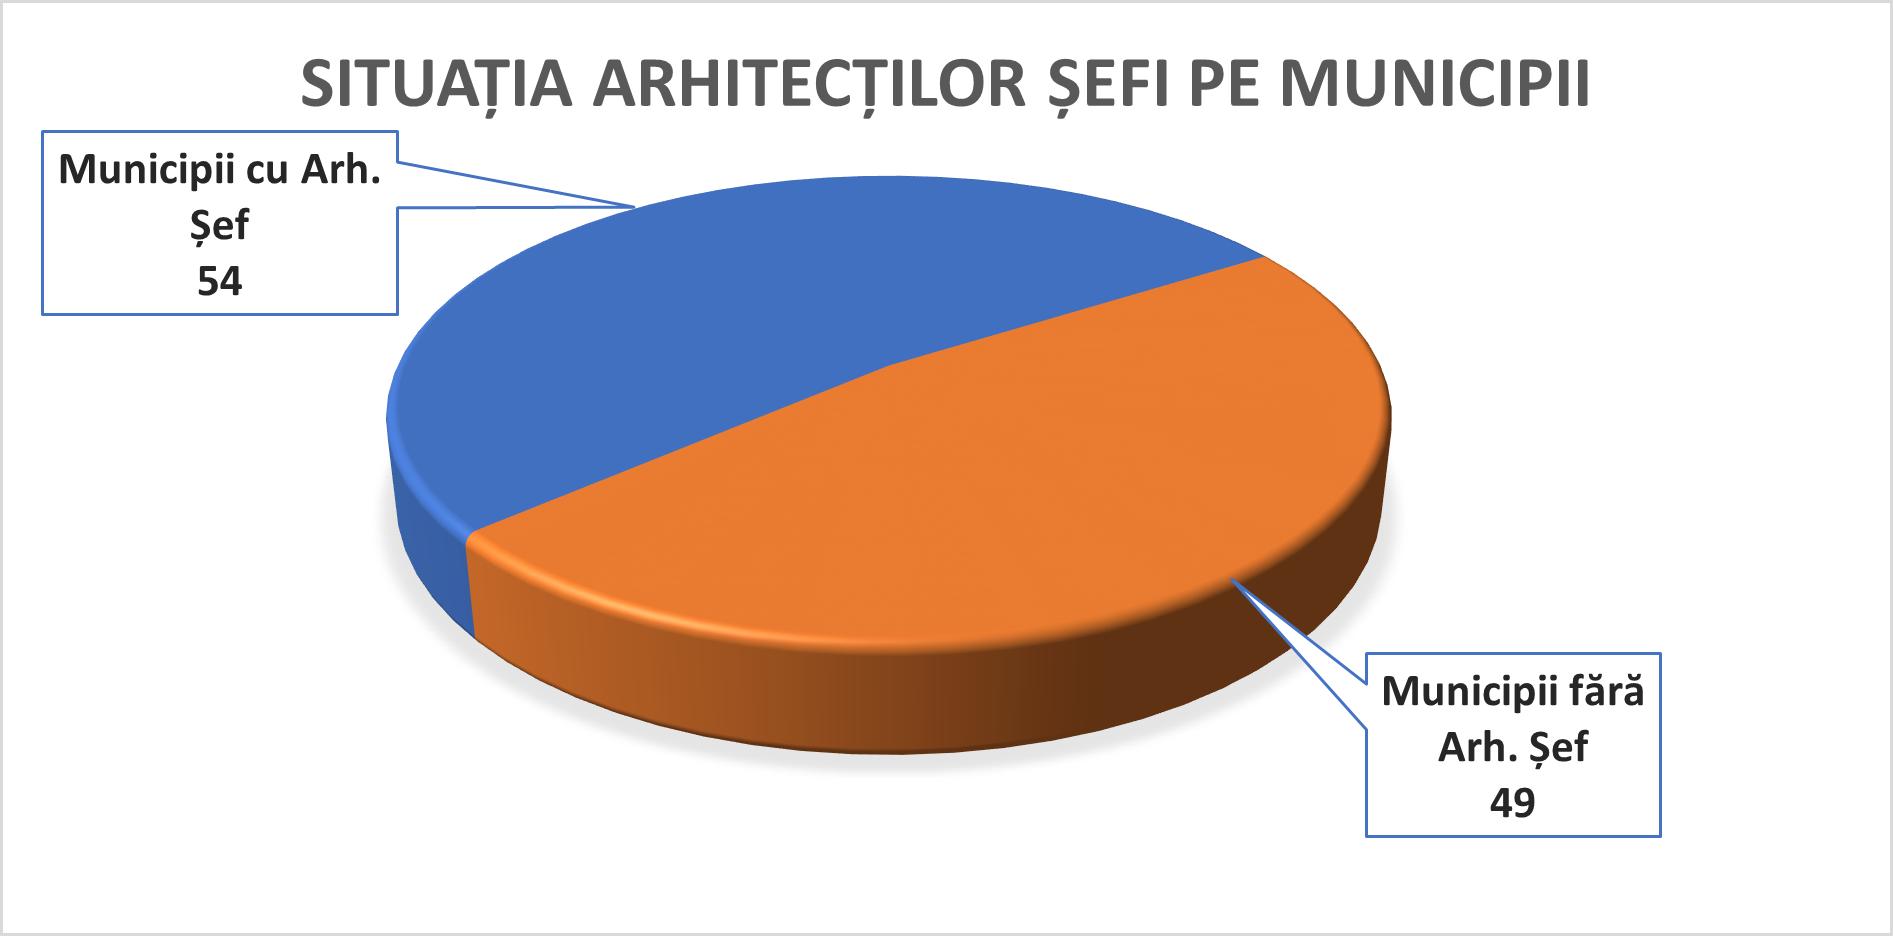 2-situatia-arhitecti-sefi-pe-municipii